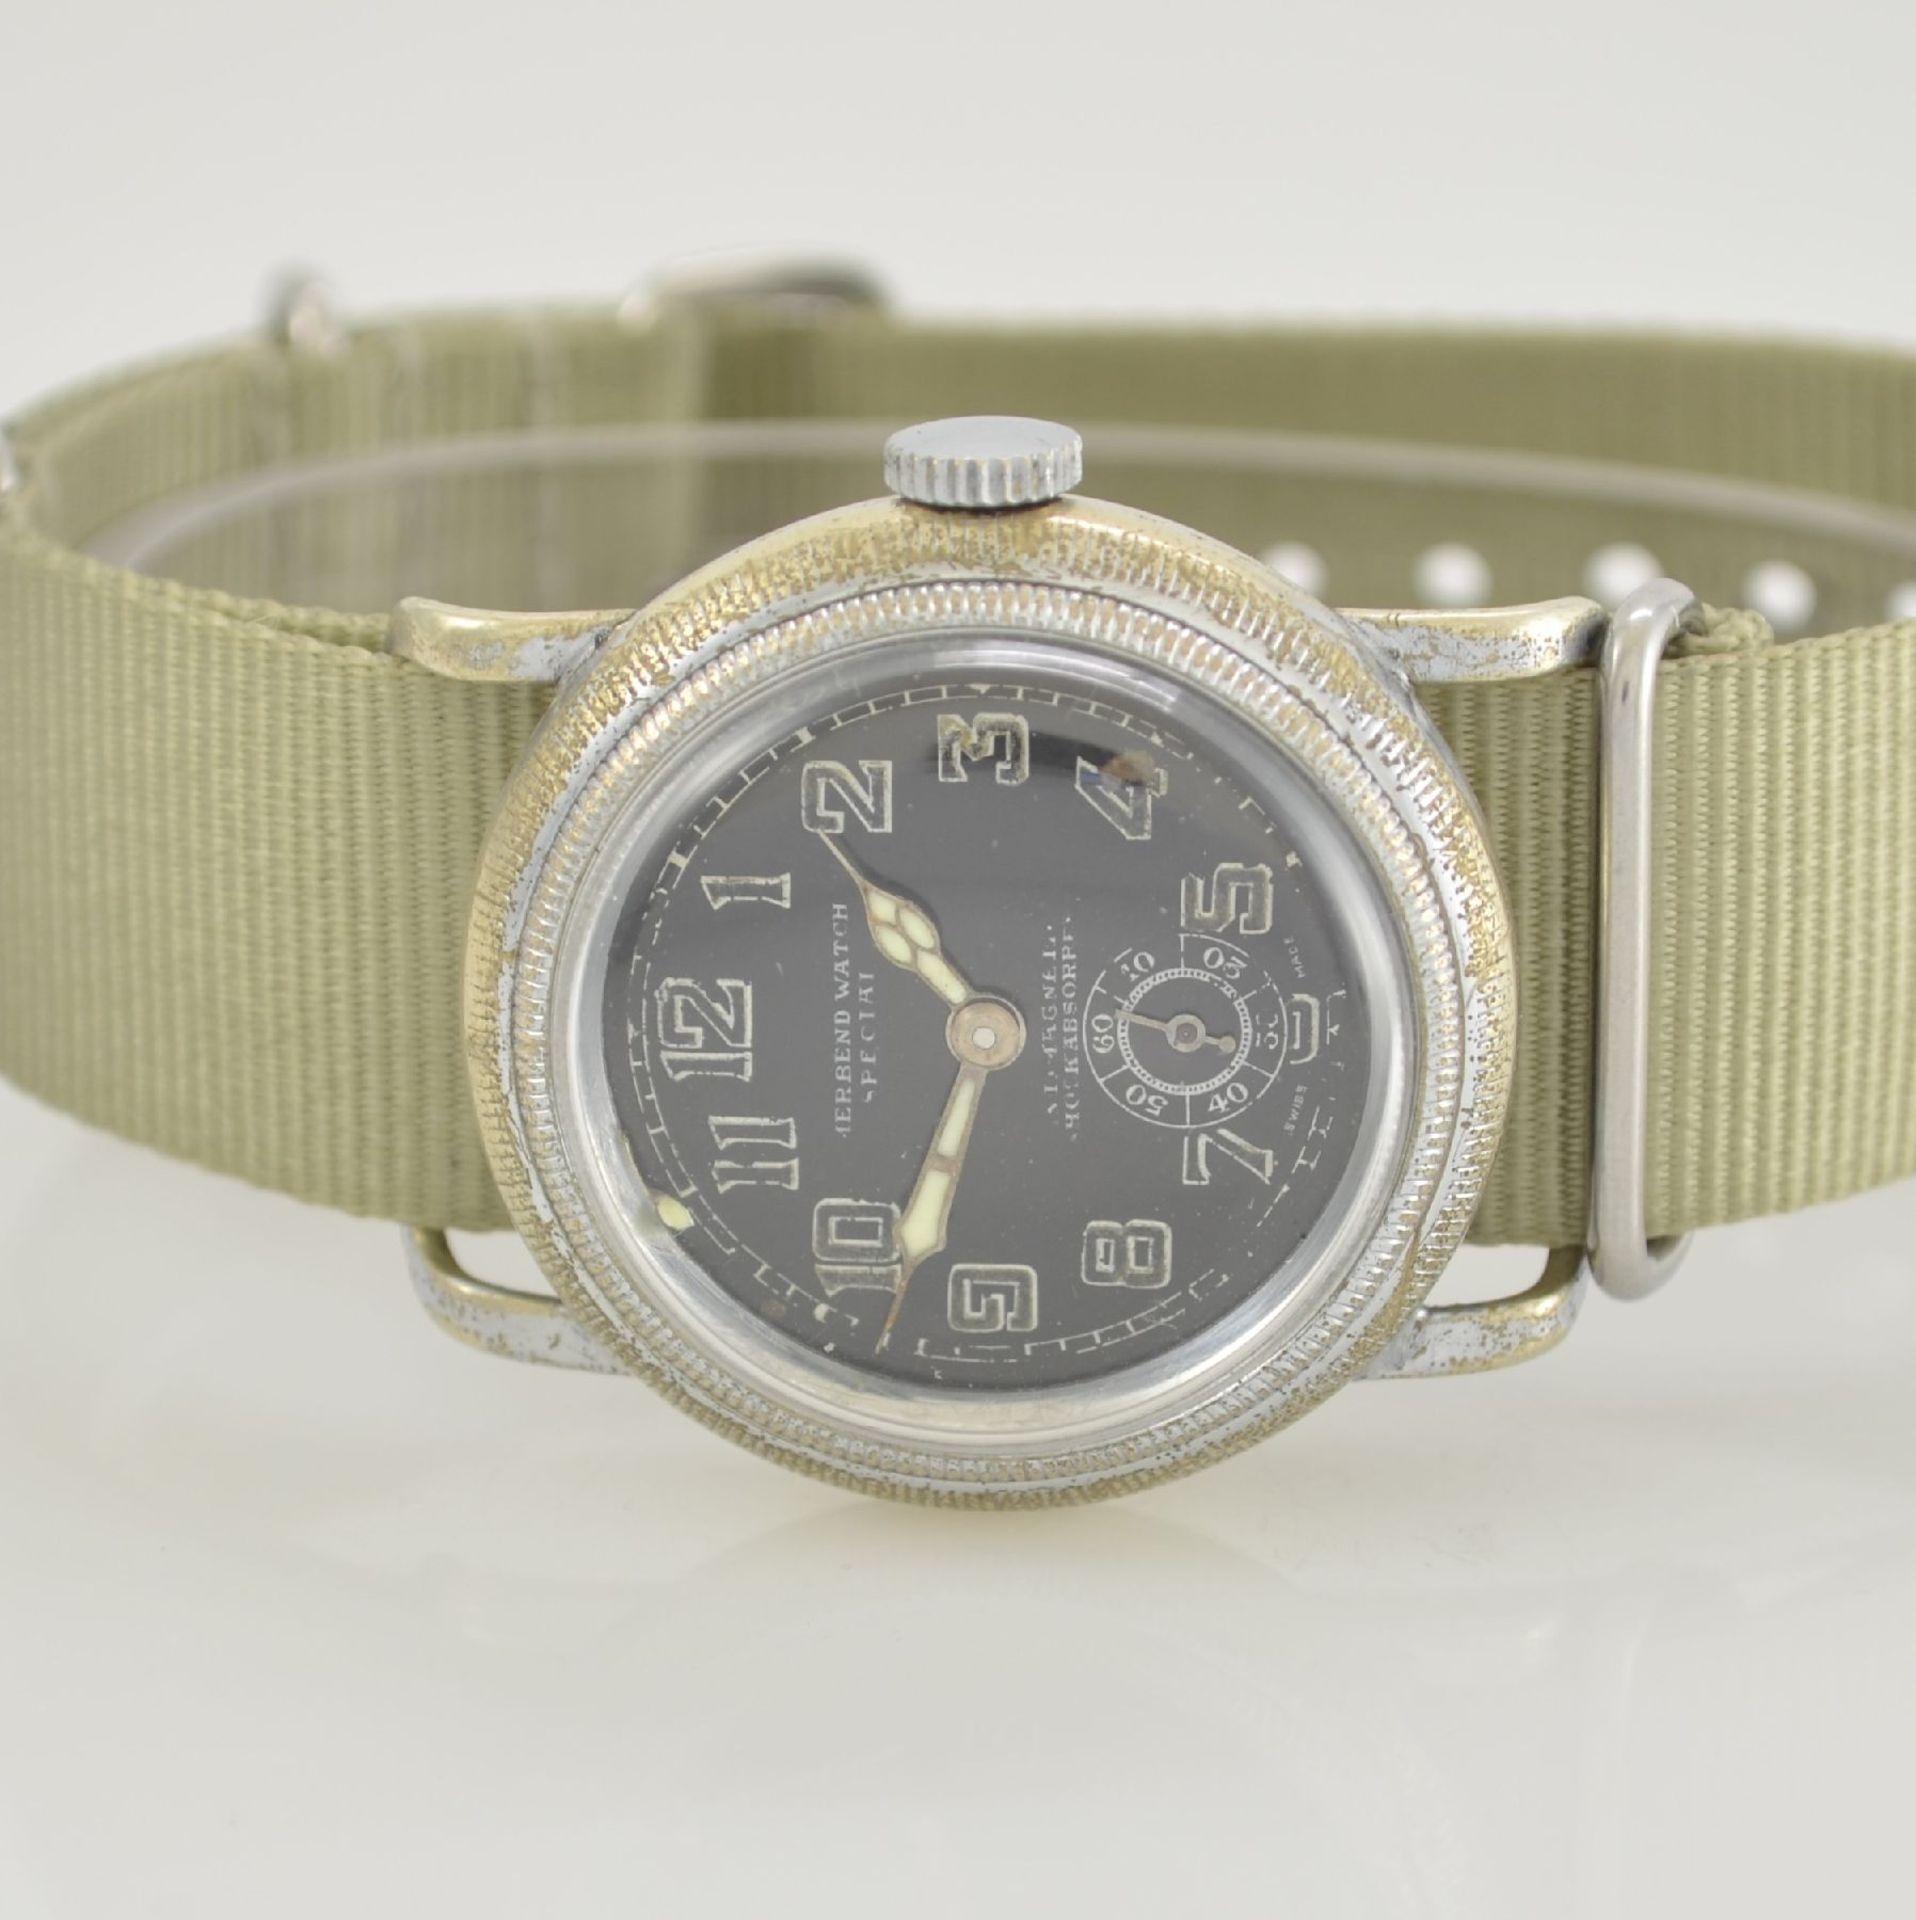 MERBEND WATCH Spezial Antimagnetic Schockabsorber Armbanduhr im Fliegerdesign, Schweiz um 1935, - Bild 2 aus 6